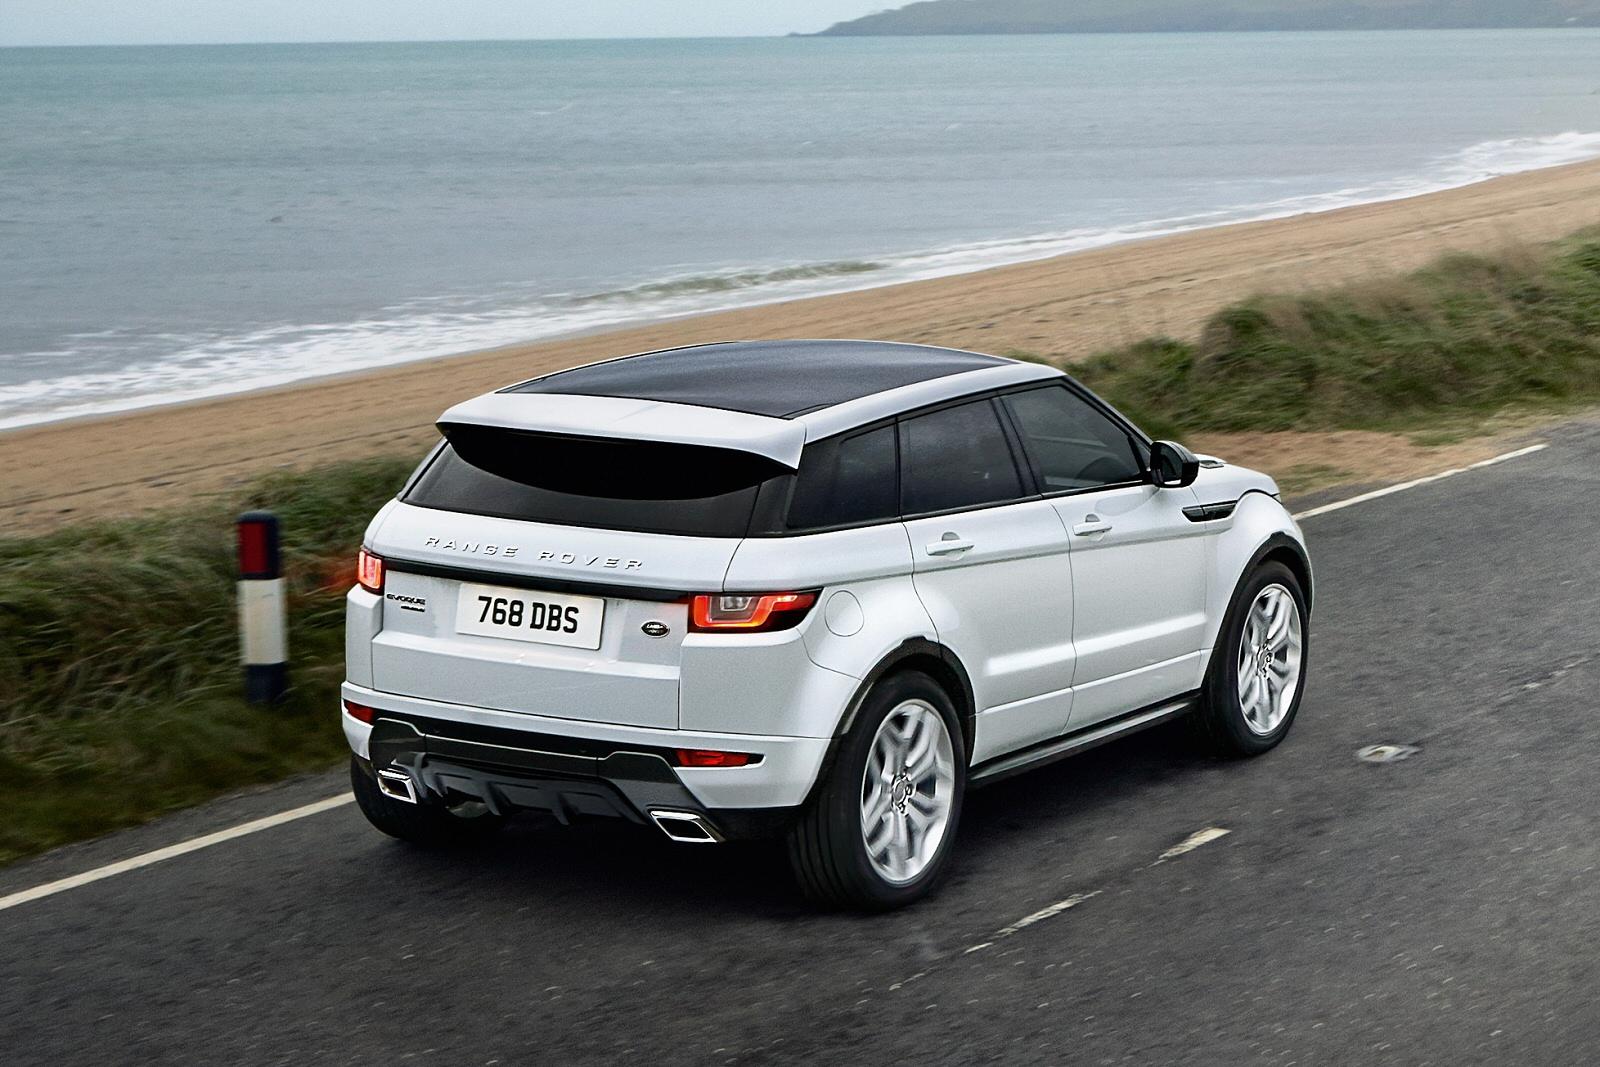 new land rover range rover evoque 2 0 td4 se tech 5dr auto diesel hatchback for sale farnell. Black Bedroom Furniture Sets. Home Design Ideas